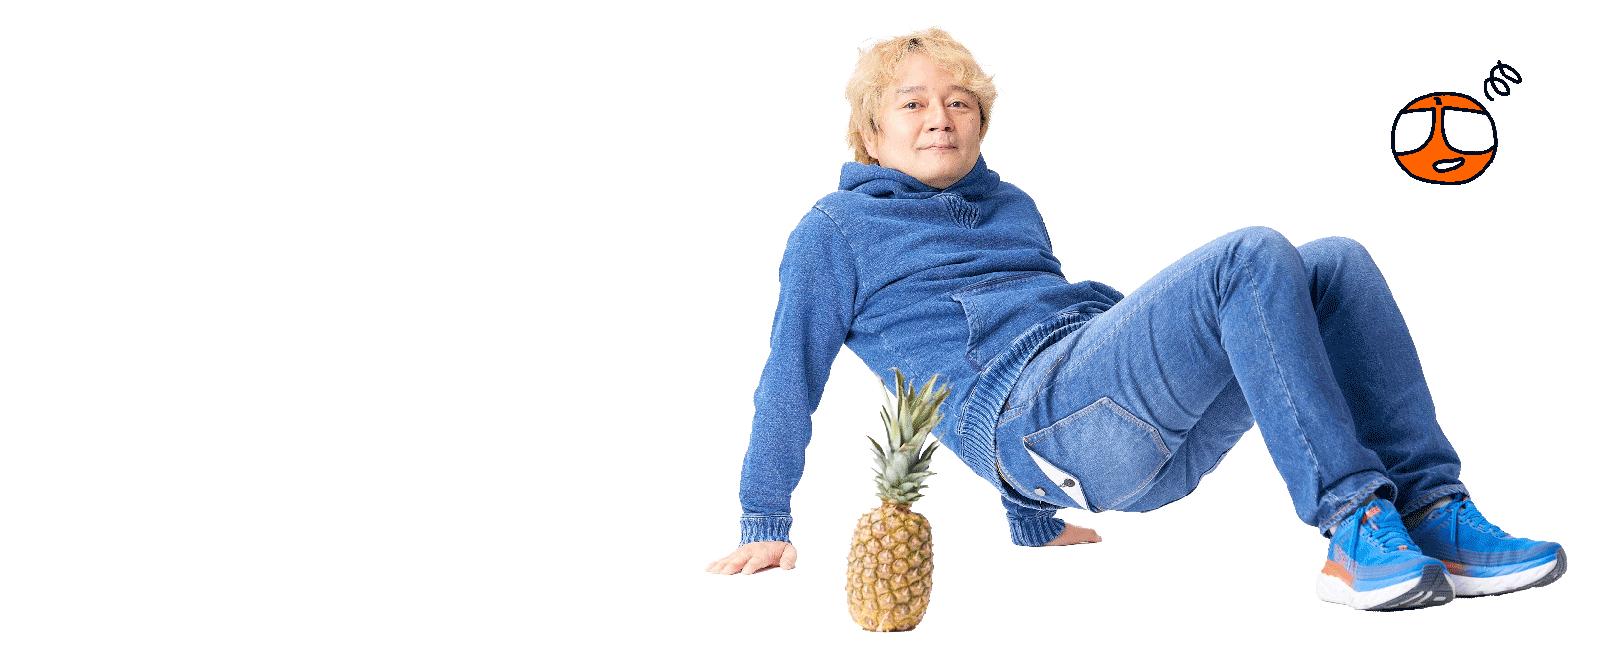 デイリーポータルZ編集長 林雄司